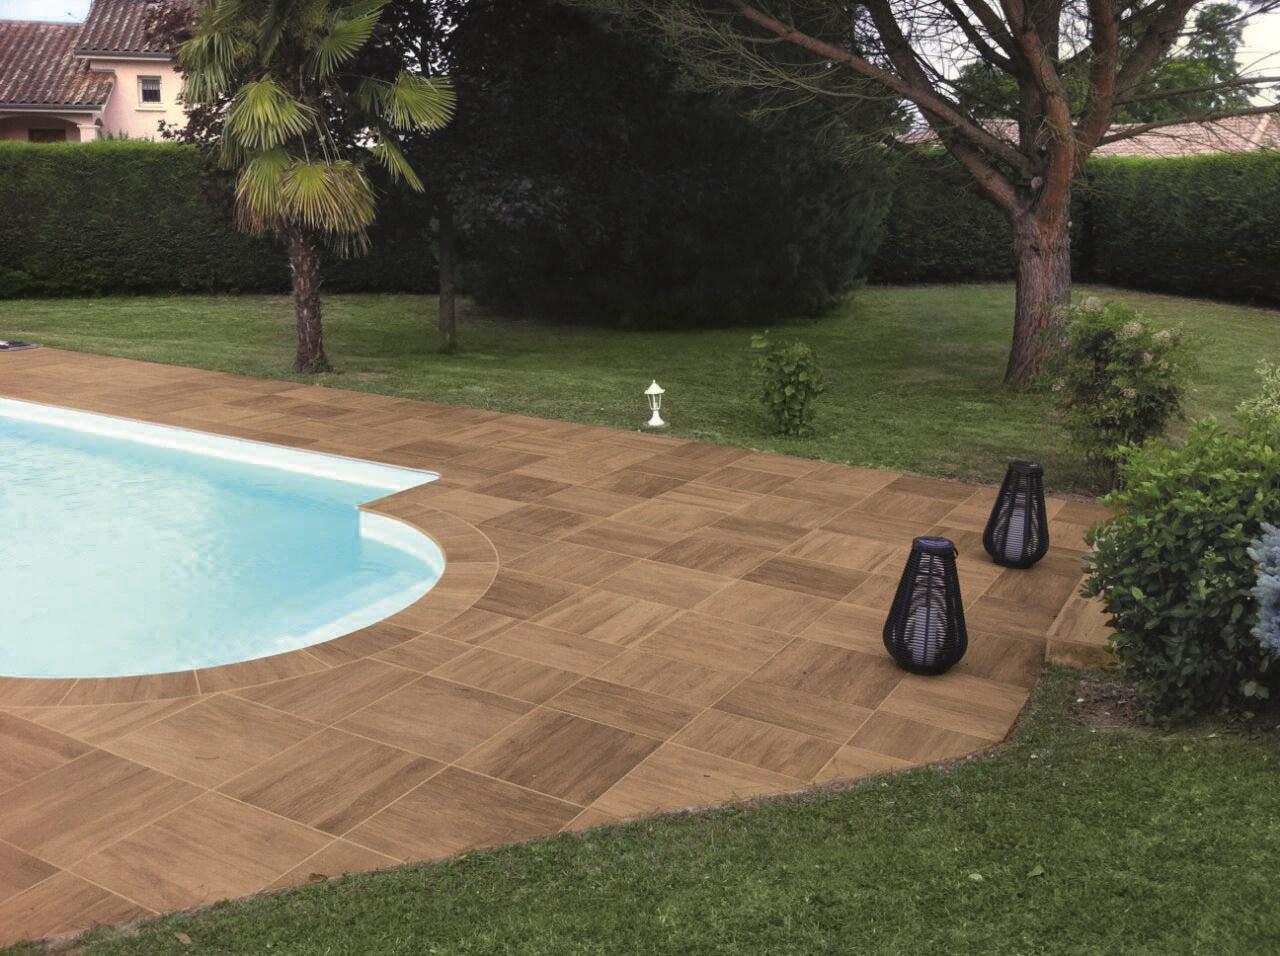 Pavimenti spessorati per piscine e aree benessere - Pavimenti bordo piscina in legno ...